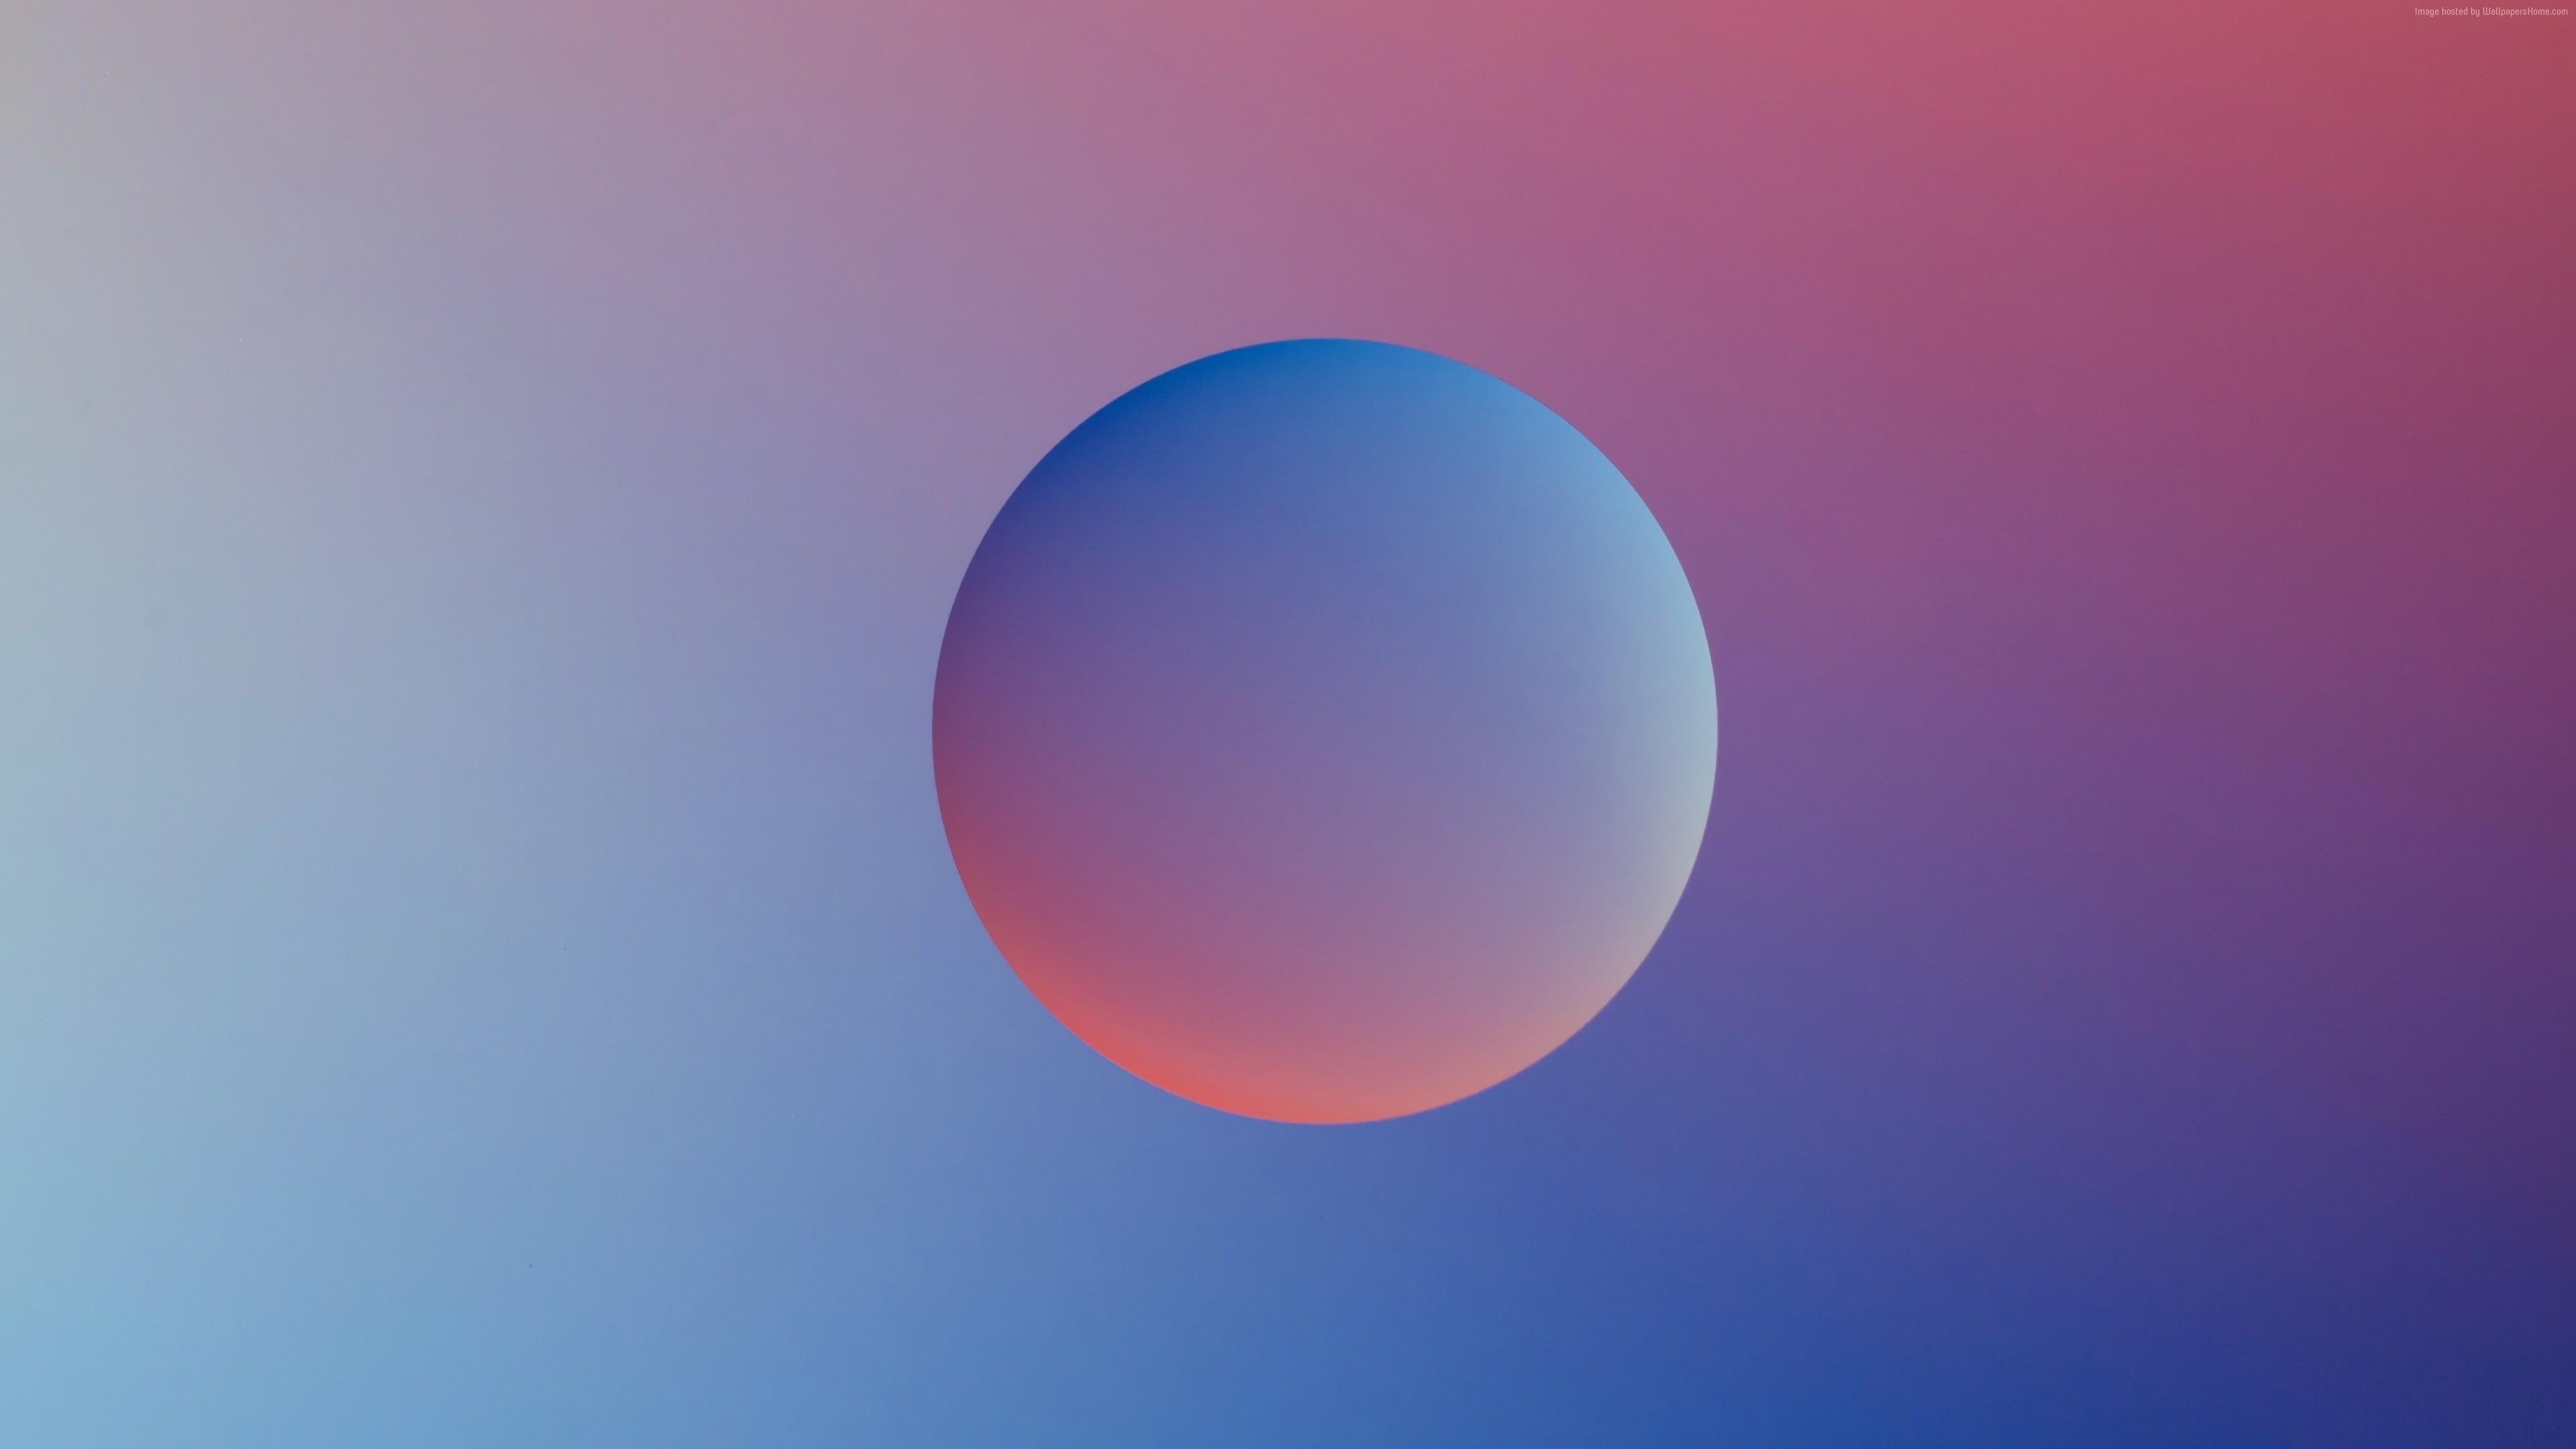 Amazing Wallpaper Macbook Blue - drop-3840x2160-macbook-pro-4k-5k-iphone-wallpaper-abstract-3d-apple-12407  HD_4097100.jpg